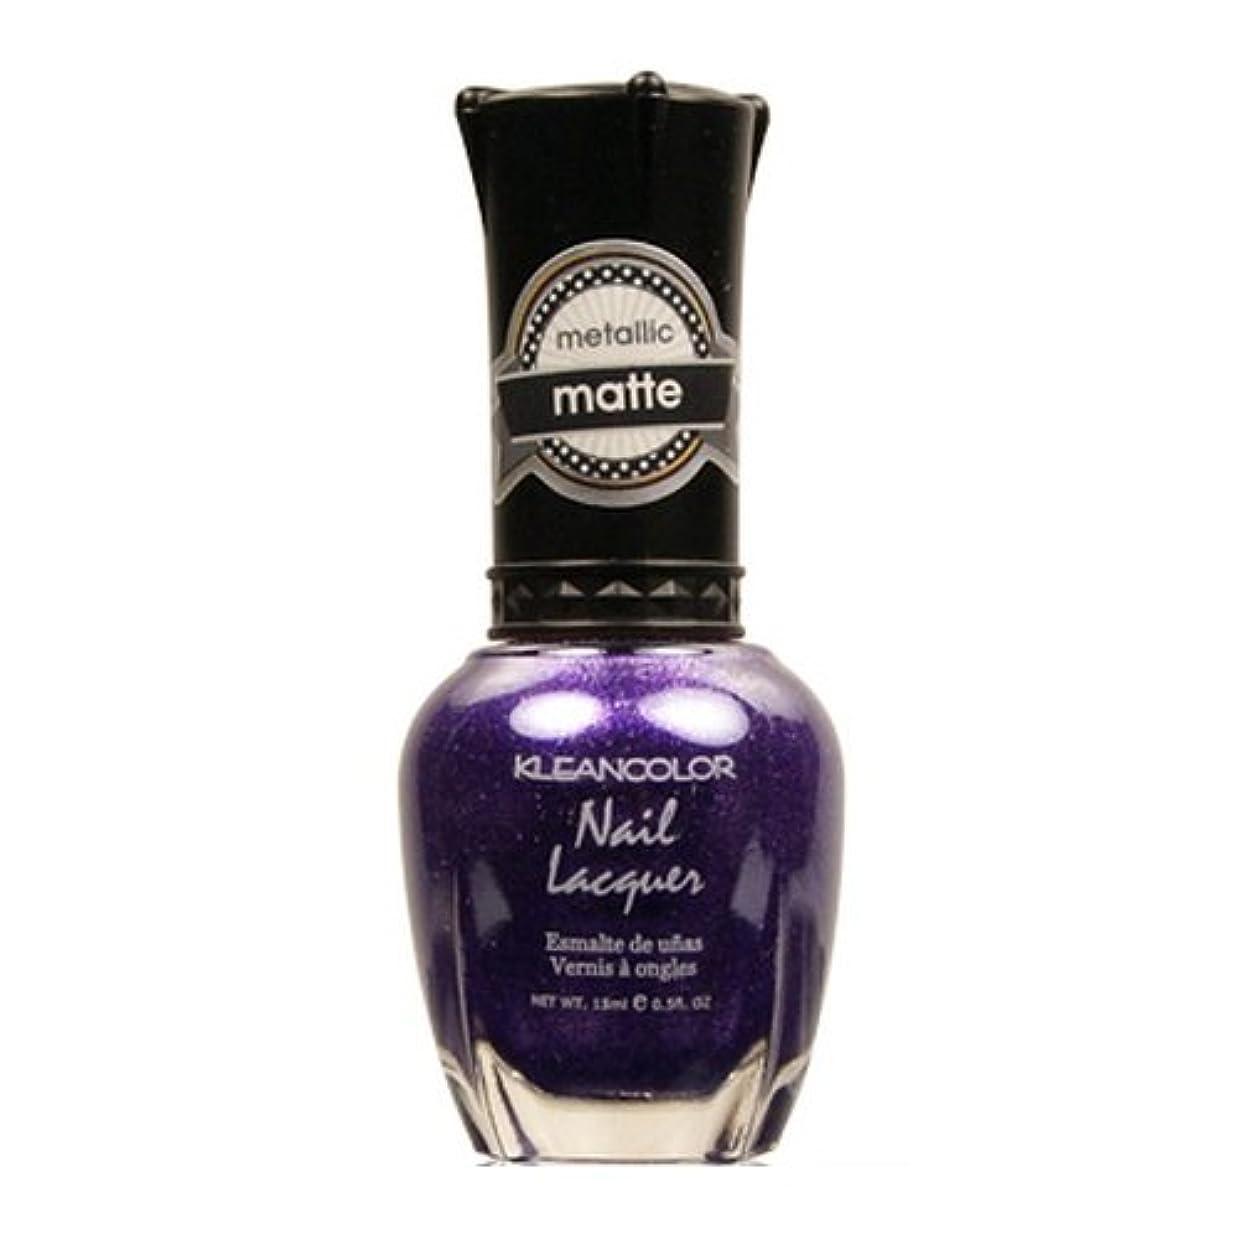 支援患者暖かさKLEANCOLOR Matte Nail Lacquer - Bright&Breezy (並行輸入品)